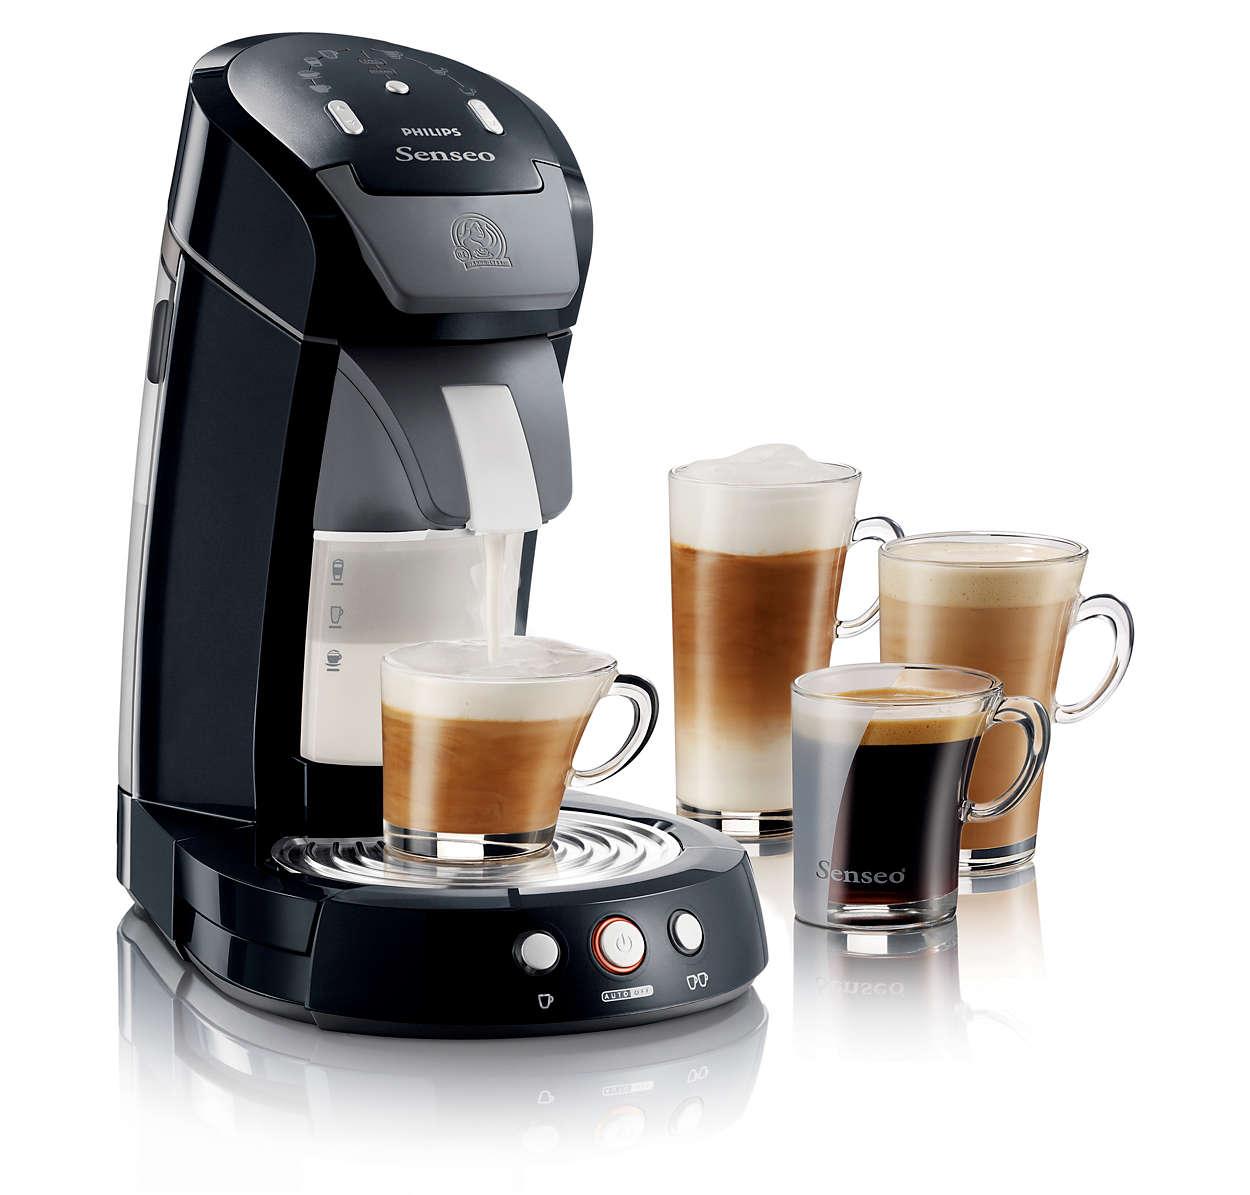 Opplev dine favoritter innen kaffespesialiteter